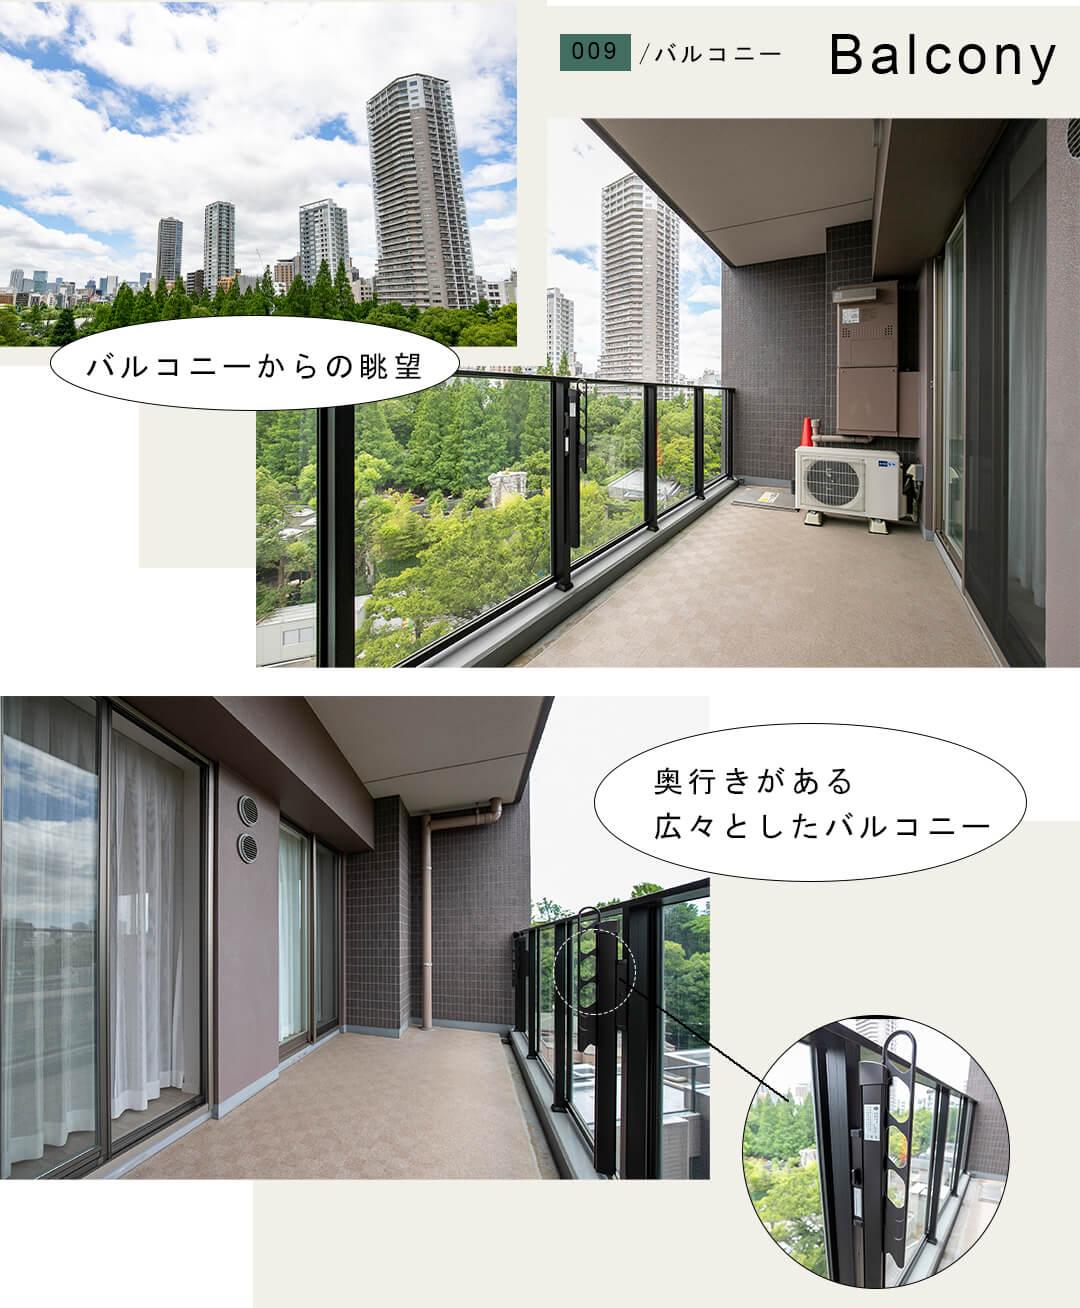 009バルコニー,balcony